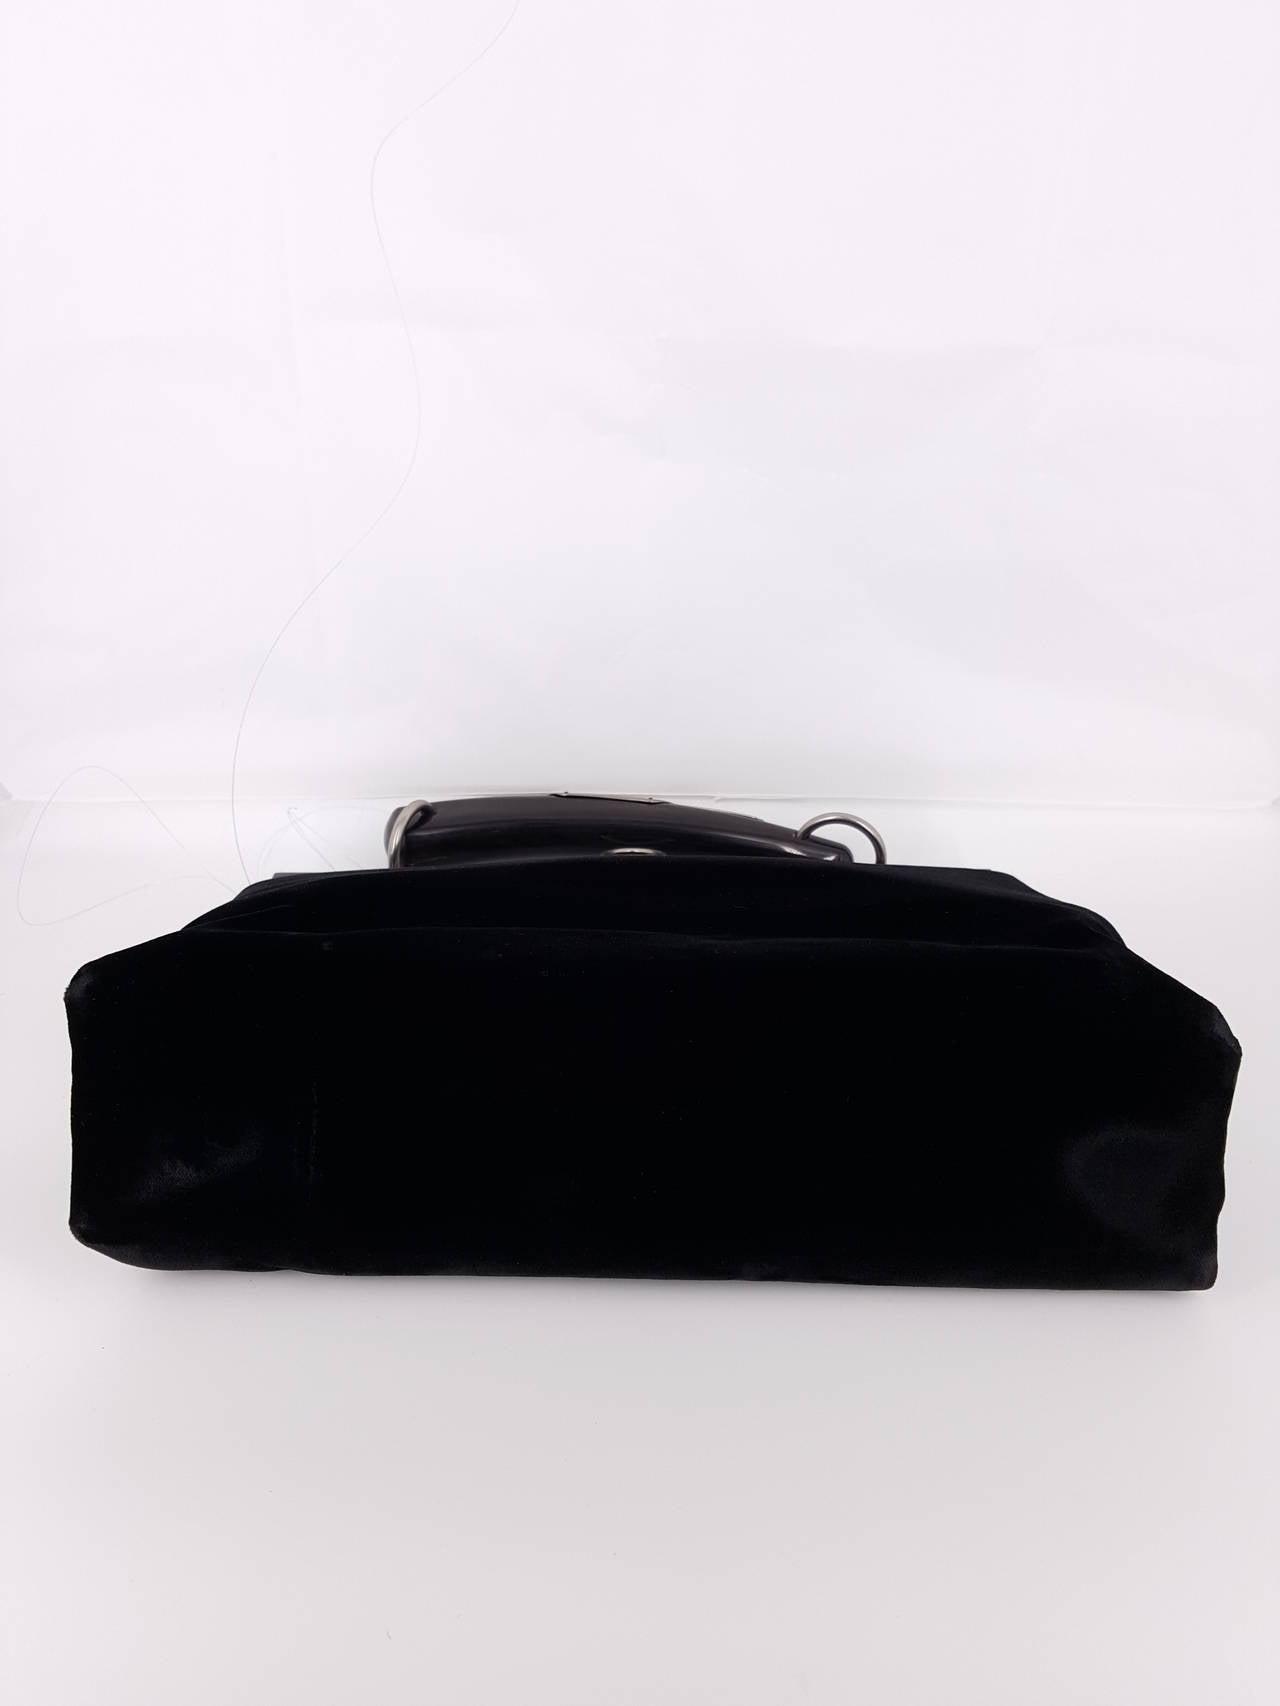 YSL Limited Edition Black Velvet Mombasa Handbag With Lucite Horn ...